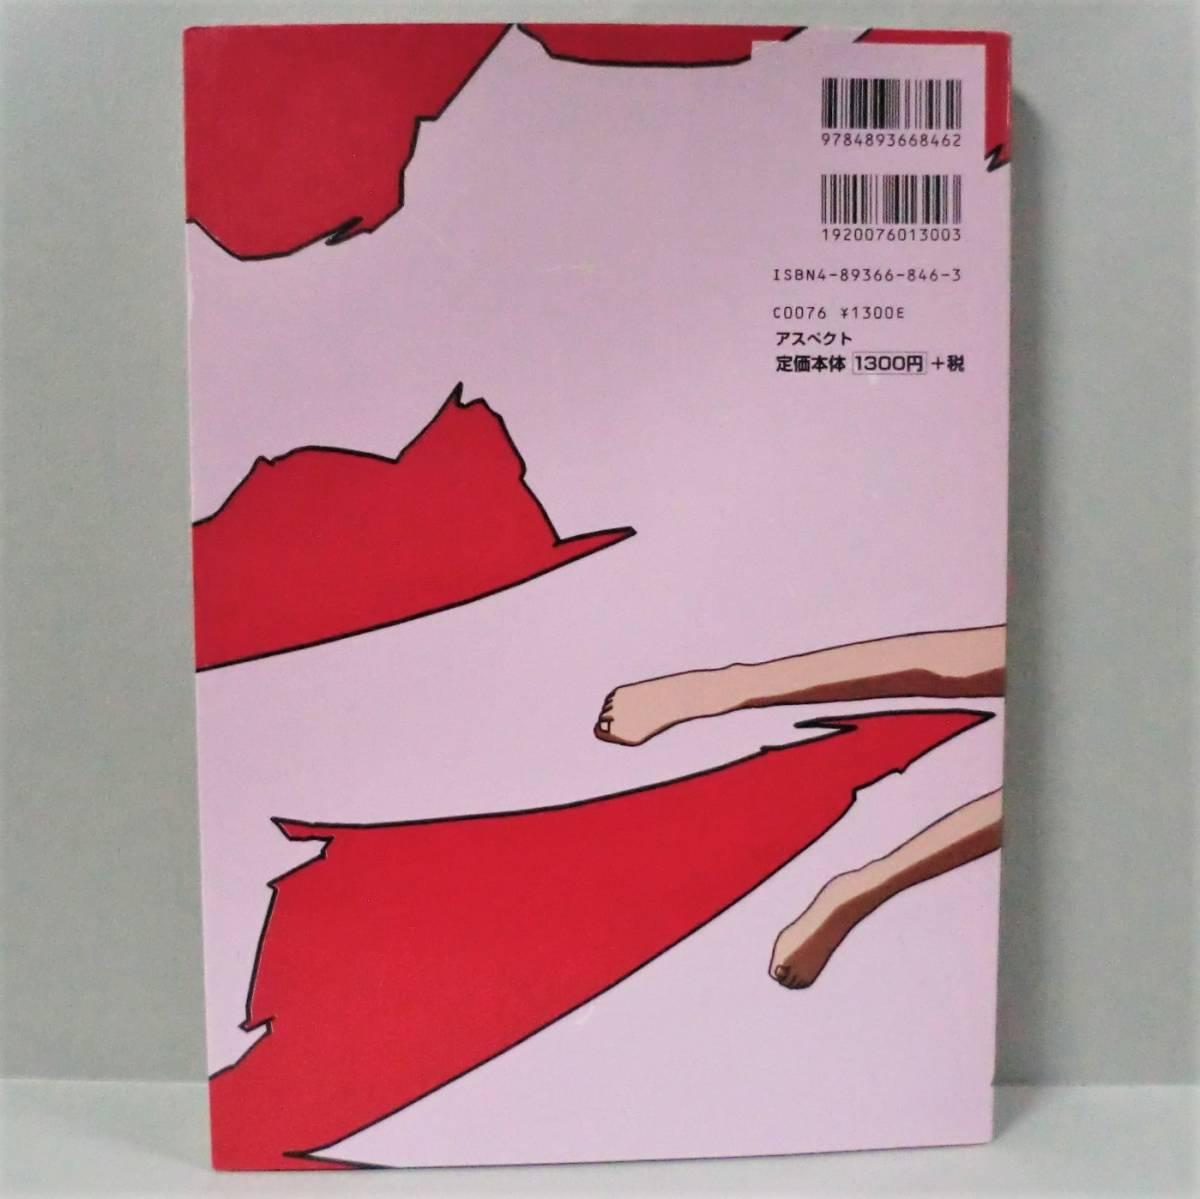 【攻略本セール☆】SS版 デザイア DESIRE オフィシャル ガイドブック ファミ通/ASCII アスペクト 1997年 初版 B5判